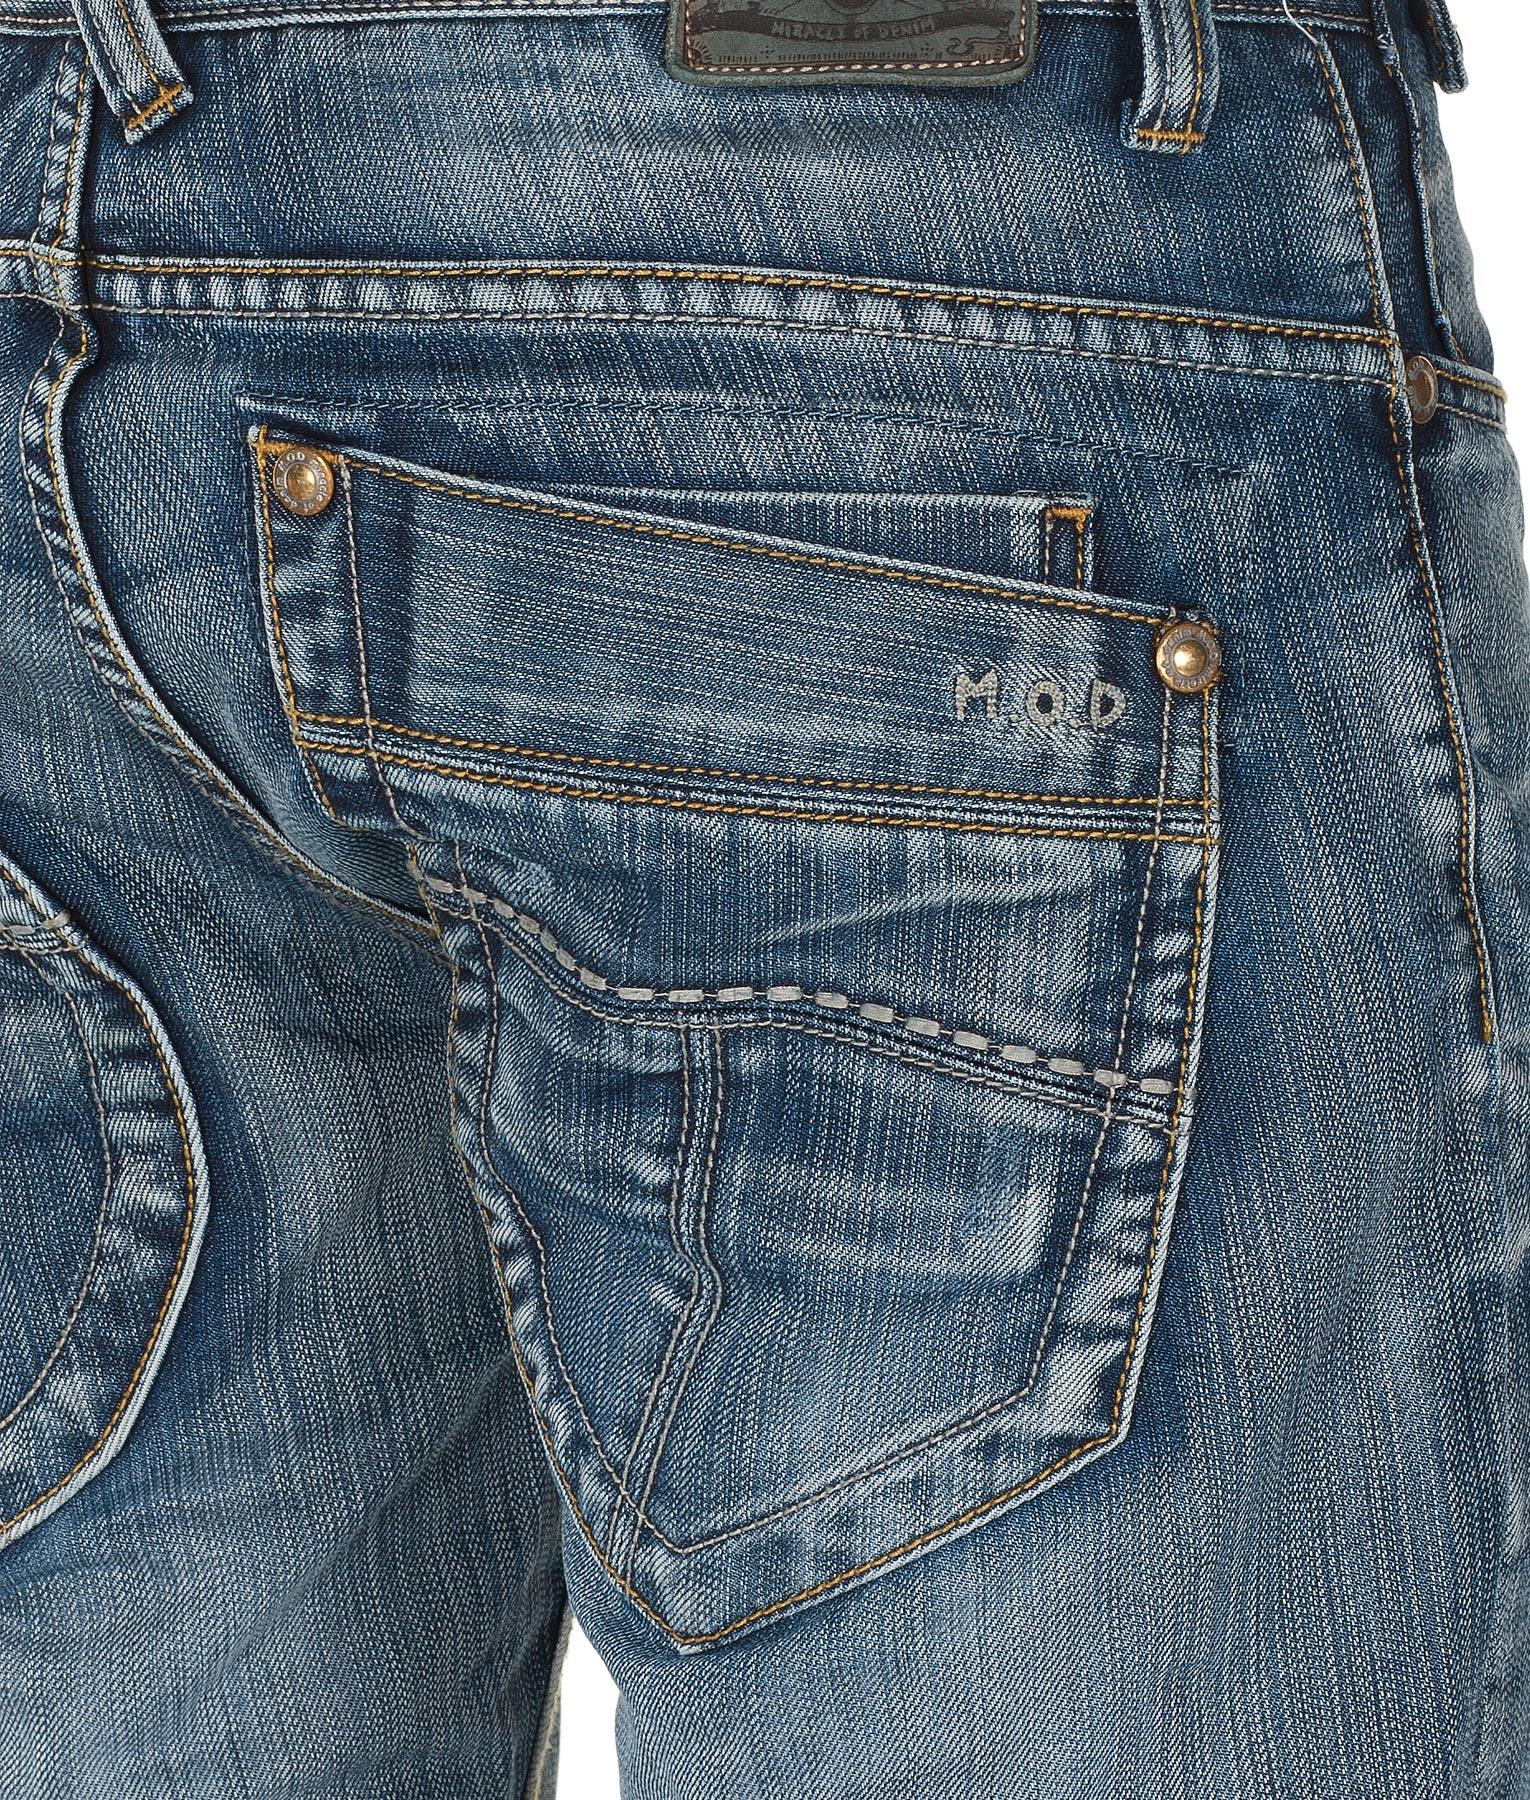 m o d jeans herren hose monopol 2012 star mod 1453 blau d g ebay. Black Bedroom Furniture Sets. Home Design Ideas